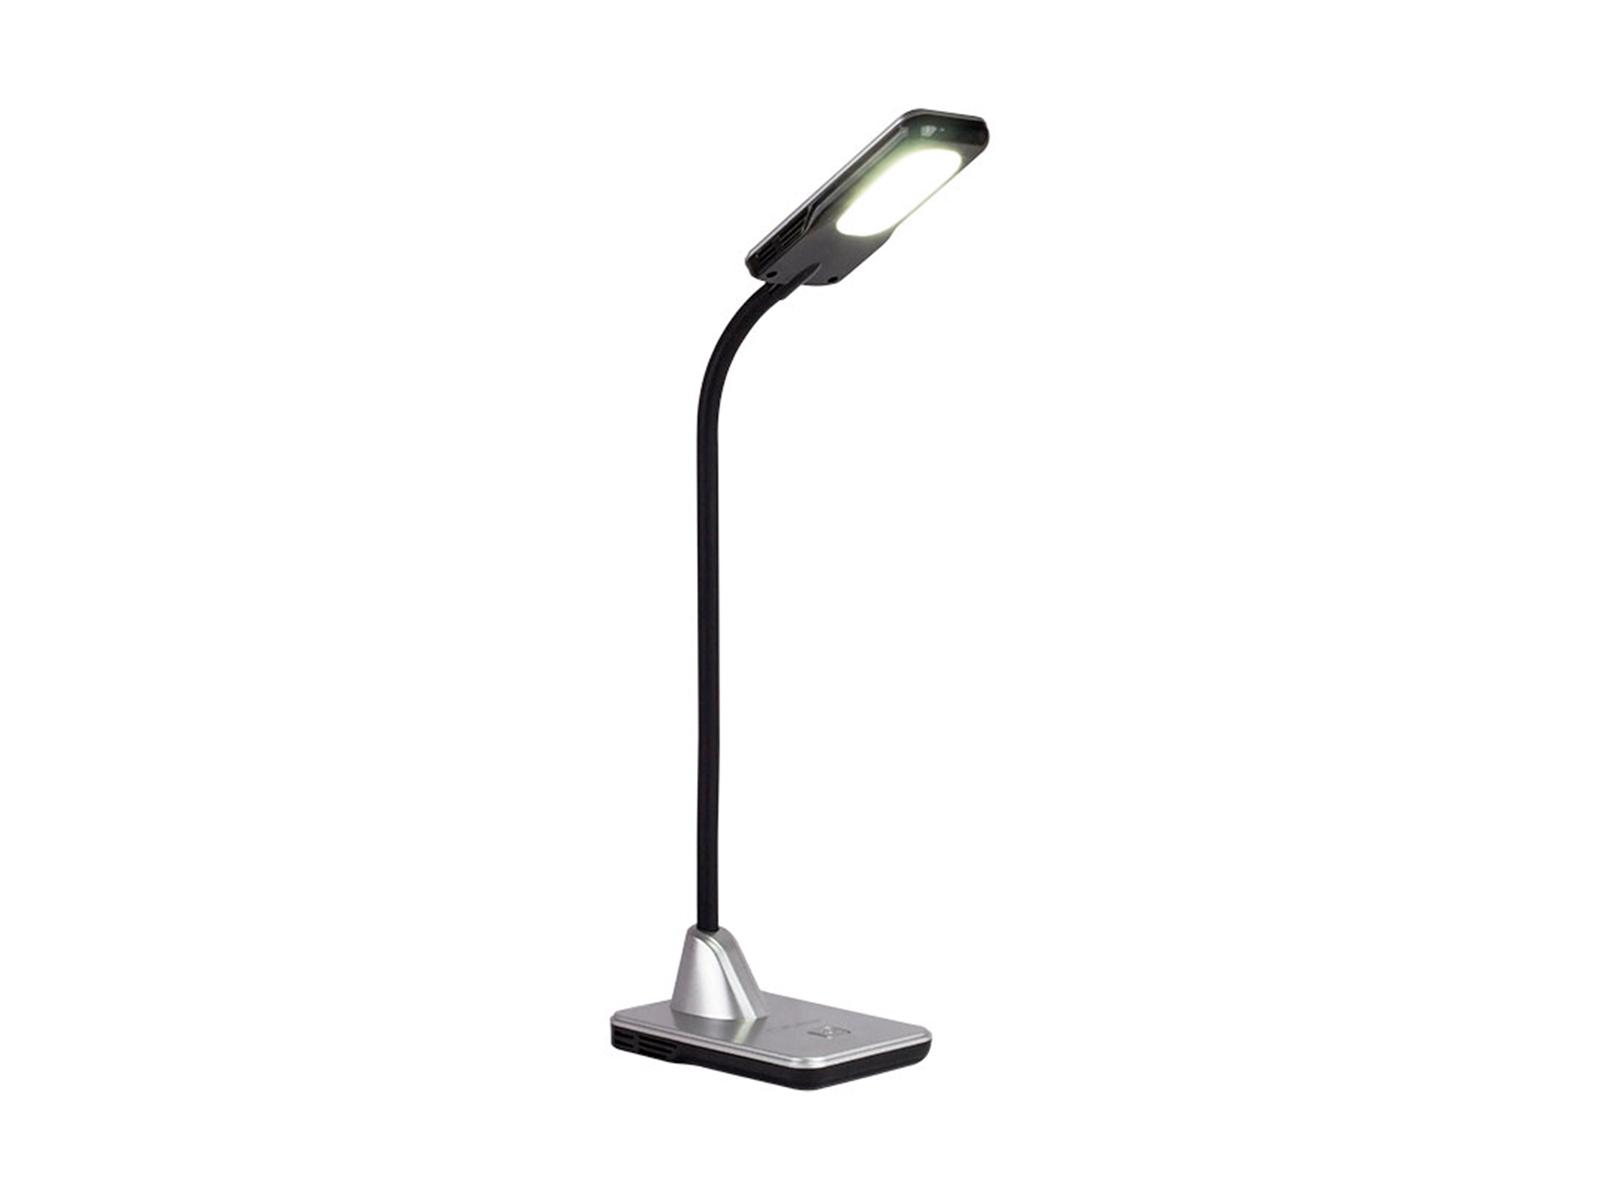 Светильник InspectorСветильники настольные<br>Светодиодный светильник имеет 3 уровня яркости, переключаемые сенсорным диммером. 3D регулировка гибкой стойки позволяет наилучшим образом настроить освещение под ваше рабочее место. Лампа мощностью 5Вт и цветовой температурой 5800К рассчитана на 30000 ча...<br>